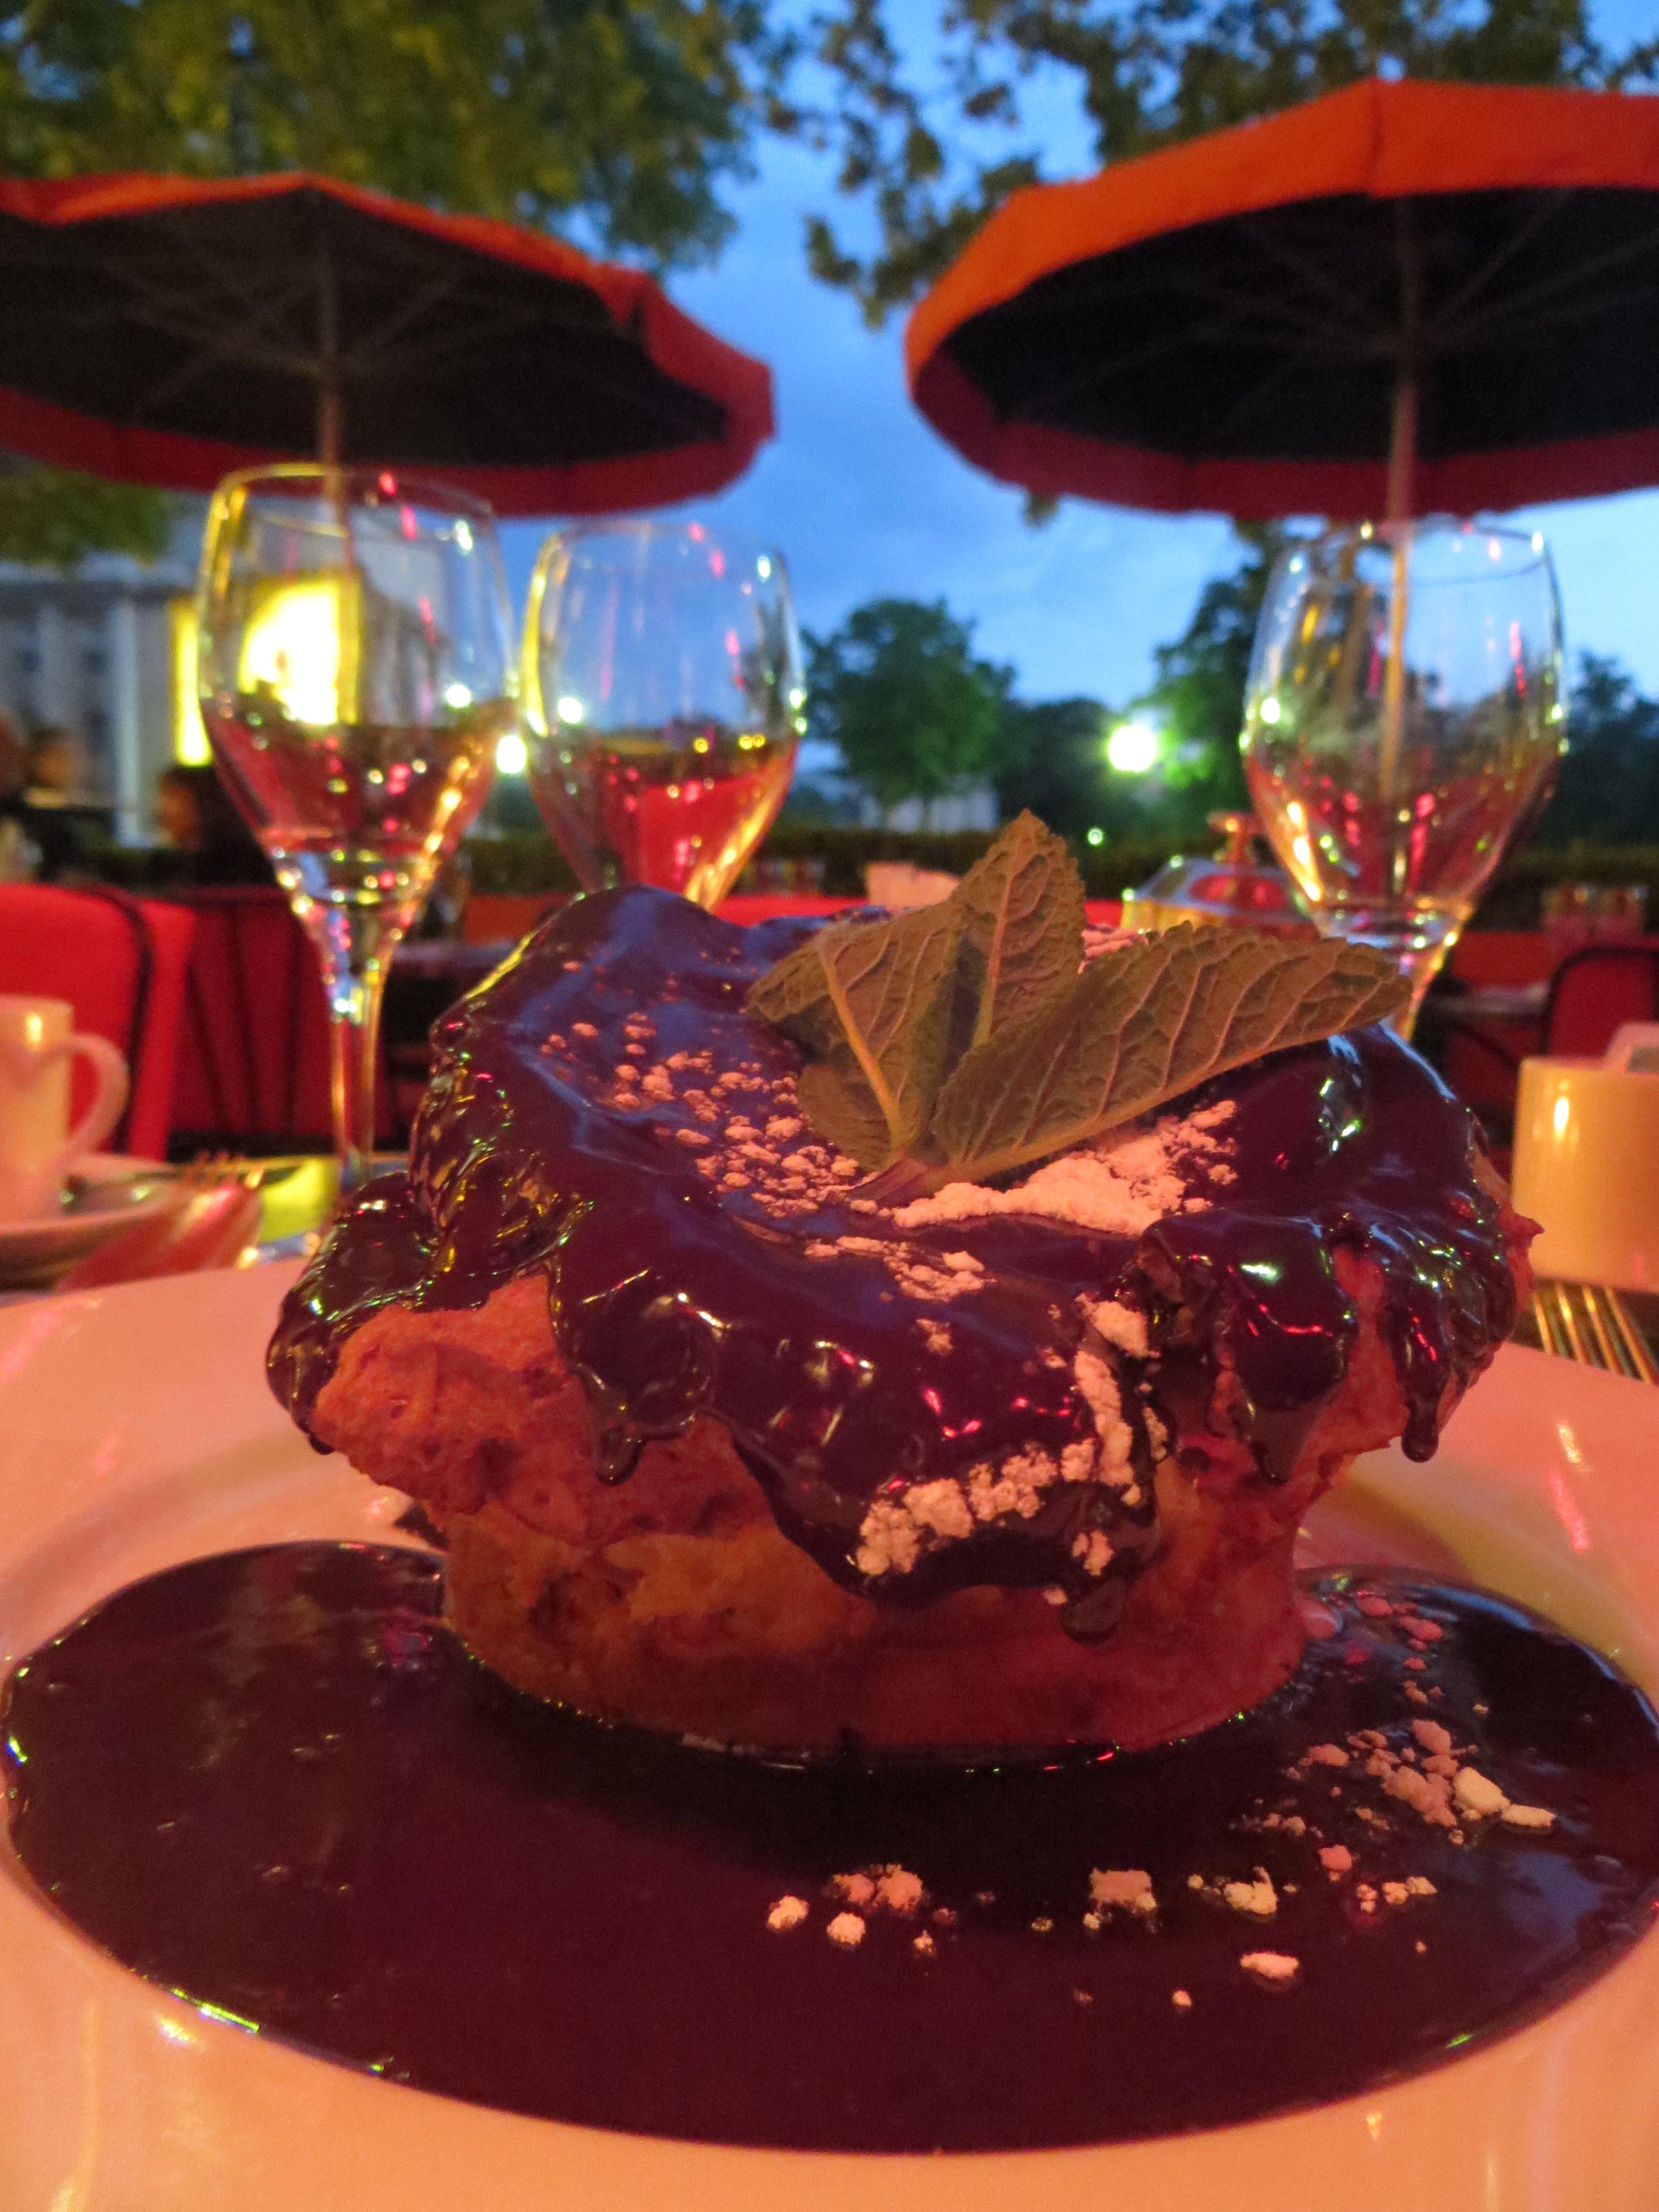 Le Coq, A costes restaurant at Trocadero in Paris